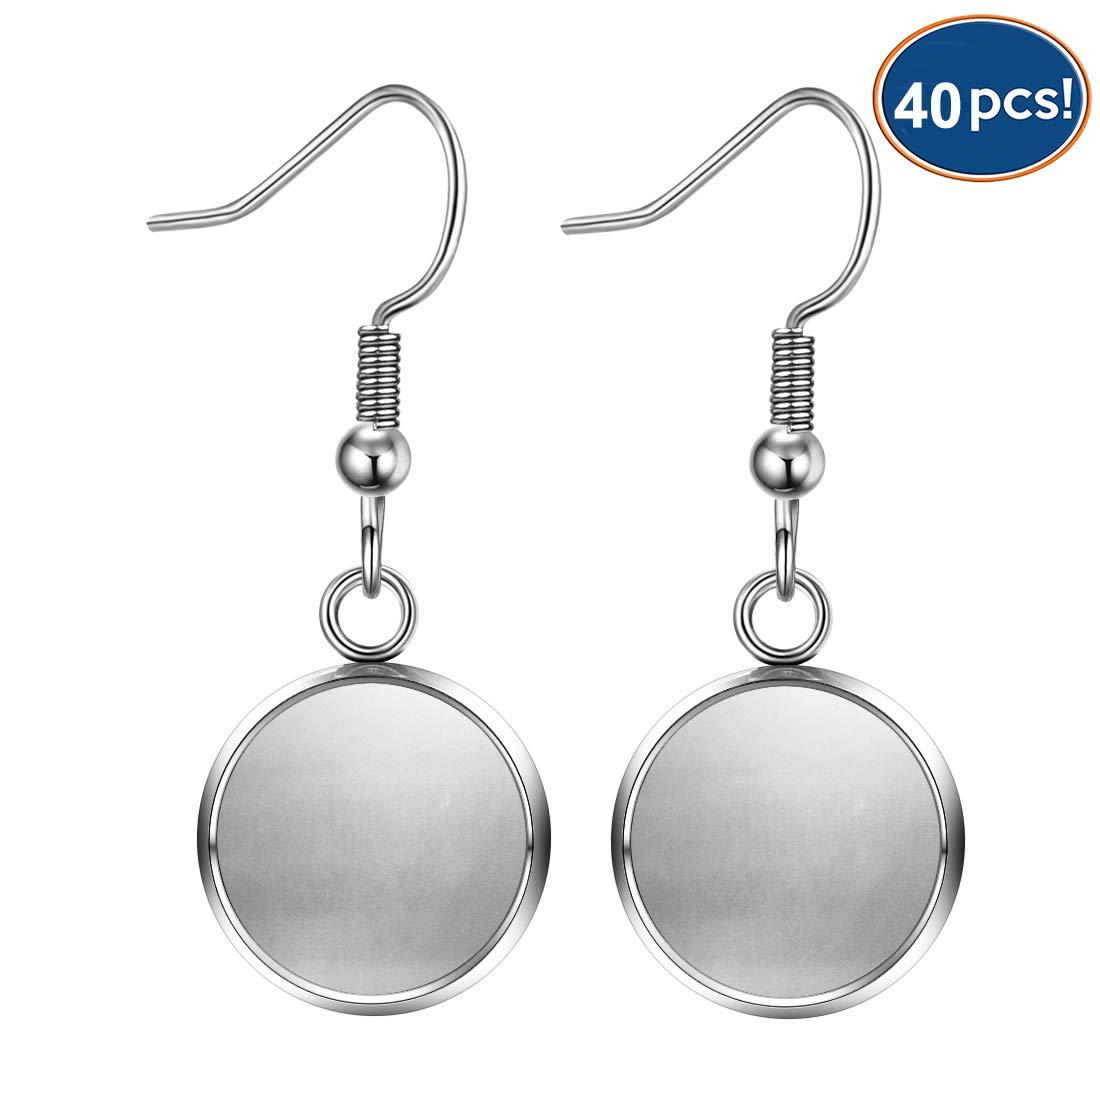 LANBEIDE 40 Packs Earrings Wire Hooks Blanks, Fit 12mm Cabochon Settings Trays, Stainless Steel Earrings Bezel for DIY Jewelry Making (Silver) by LANBEIDE